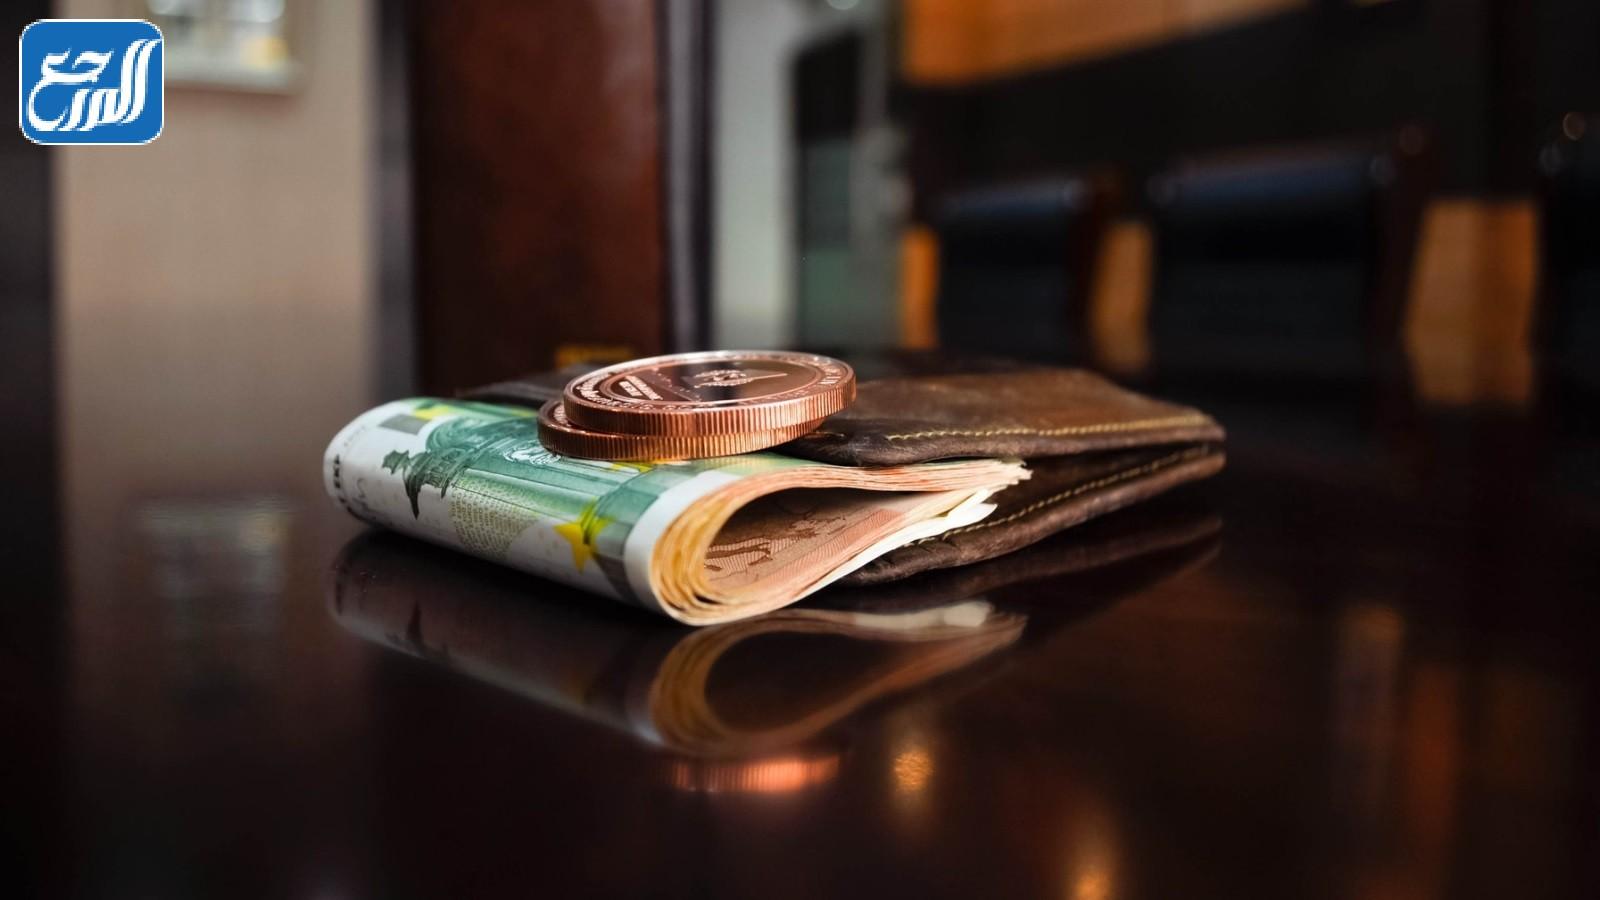 محفظة مفقودة بها اقامه مبلغ من المال